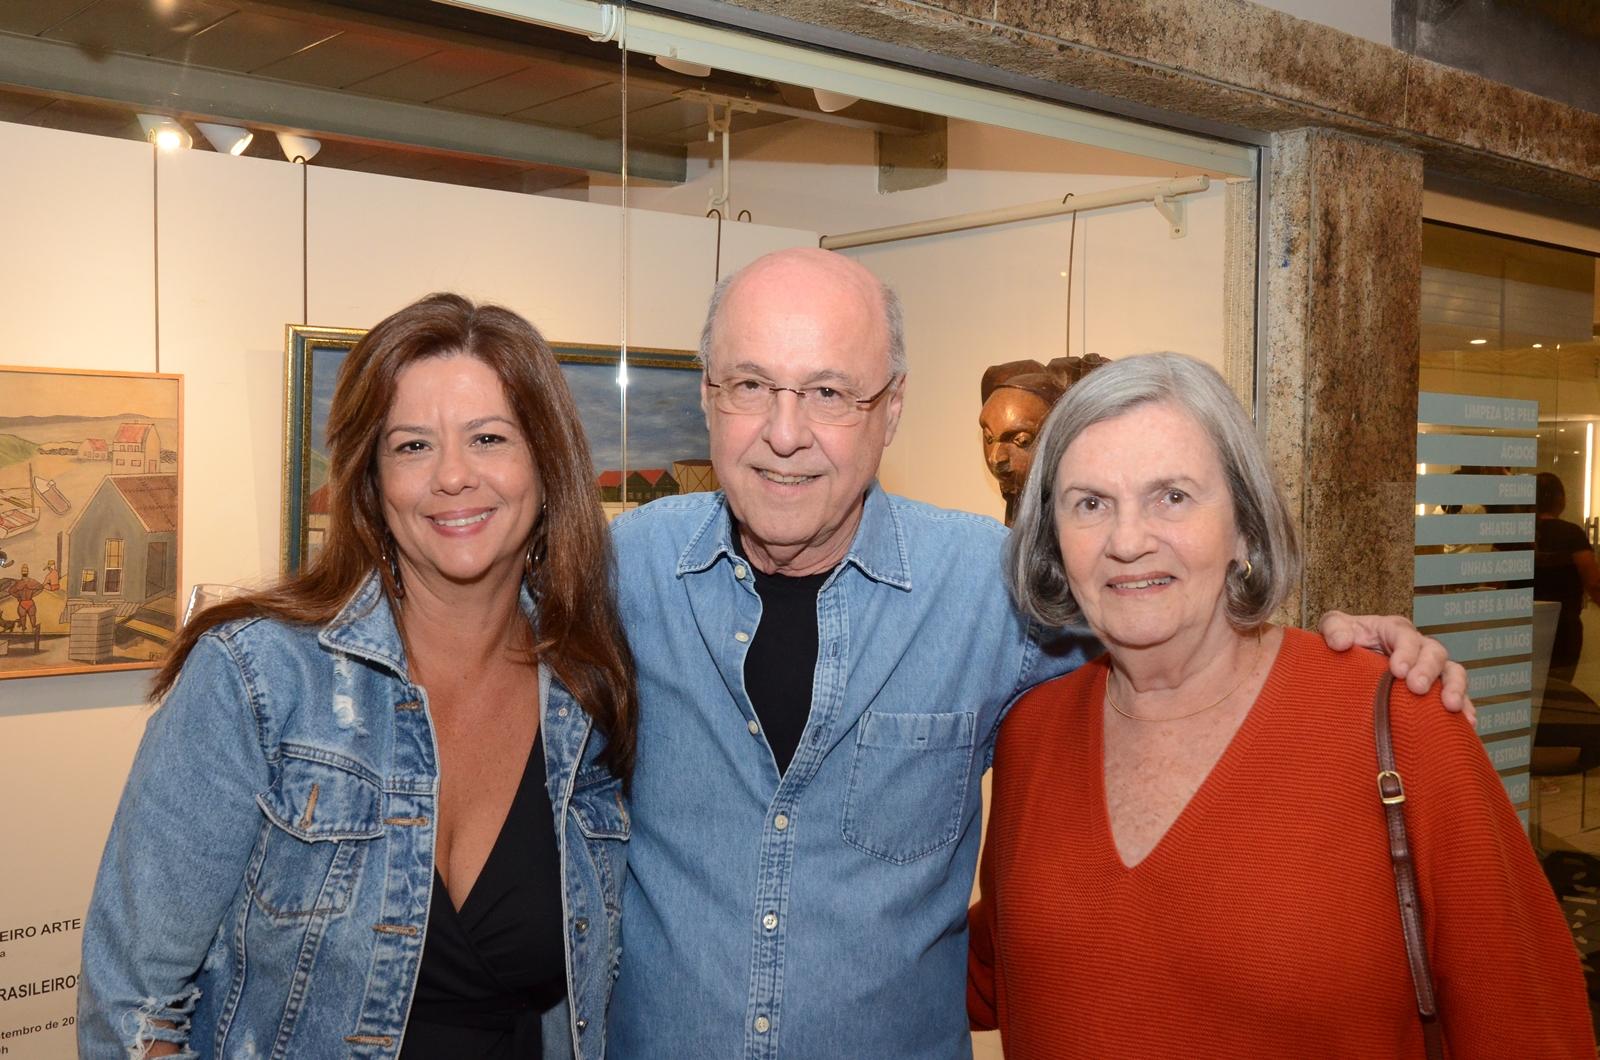 """Galeria Evandro Carneiro Arte recebe a exposição """"Nossos Naifs Brasileiros"""""""